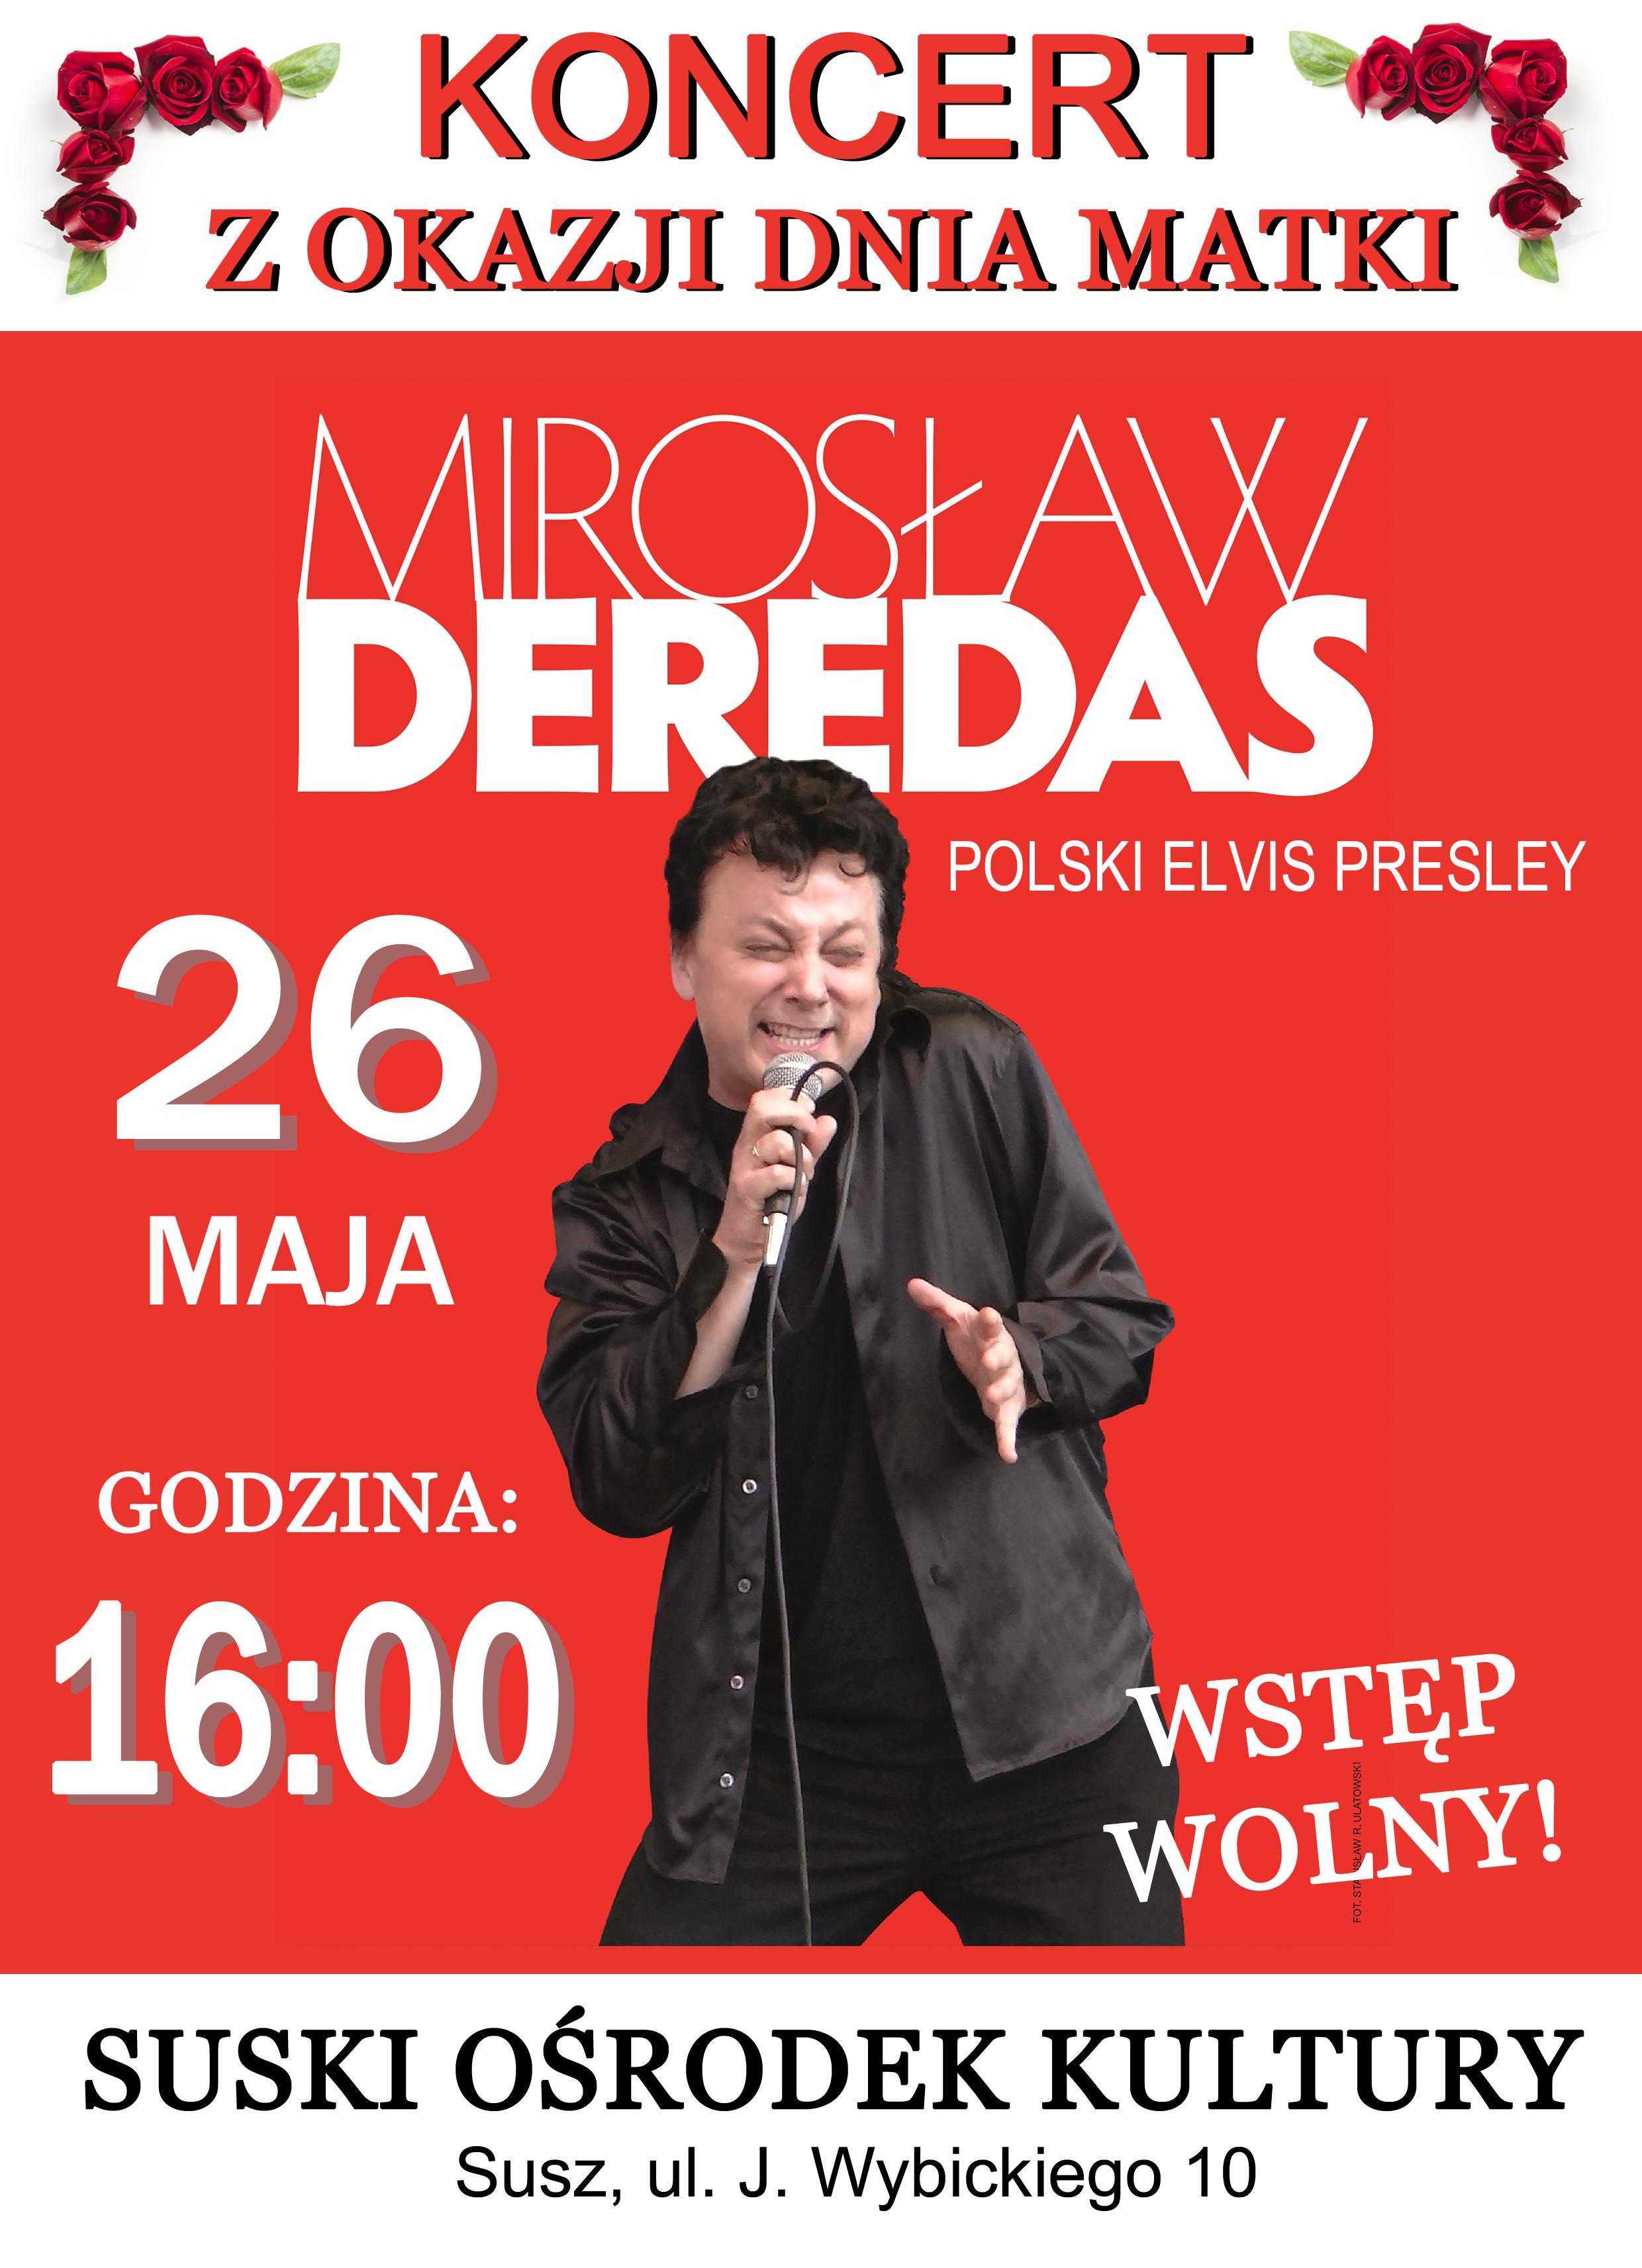 Polski Elvis Presley - Mirosław Deredas Polski Elvis Presley - Mirek Deredas